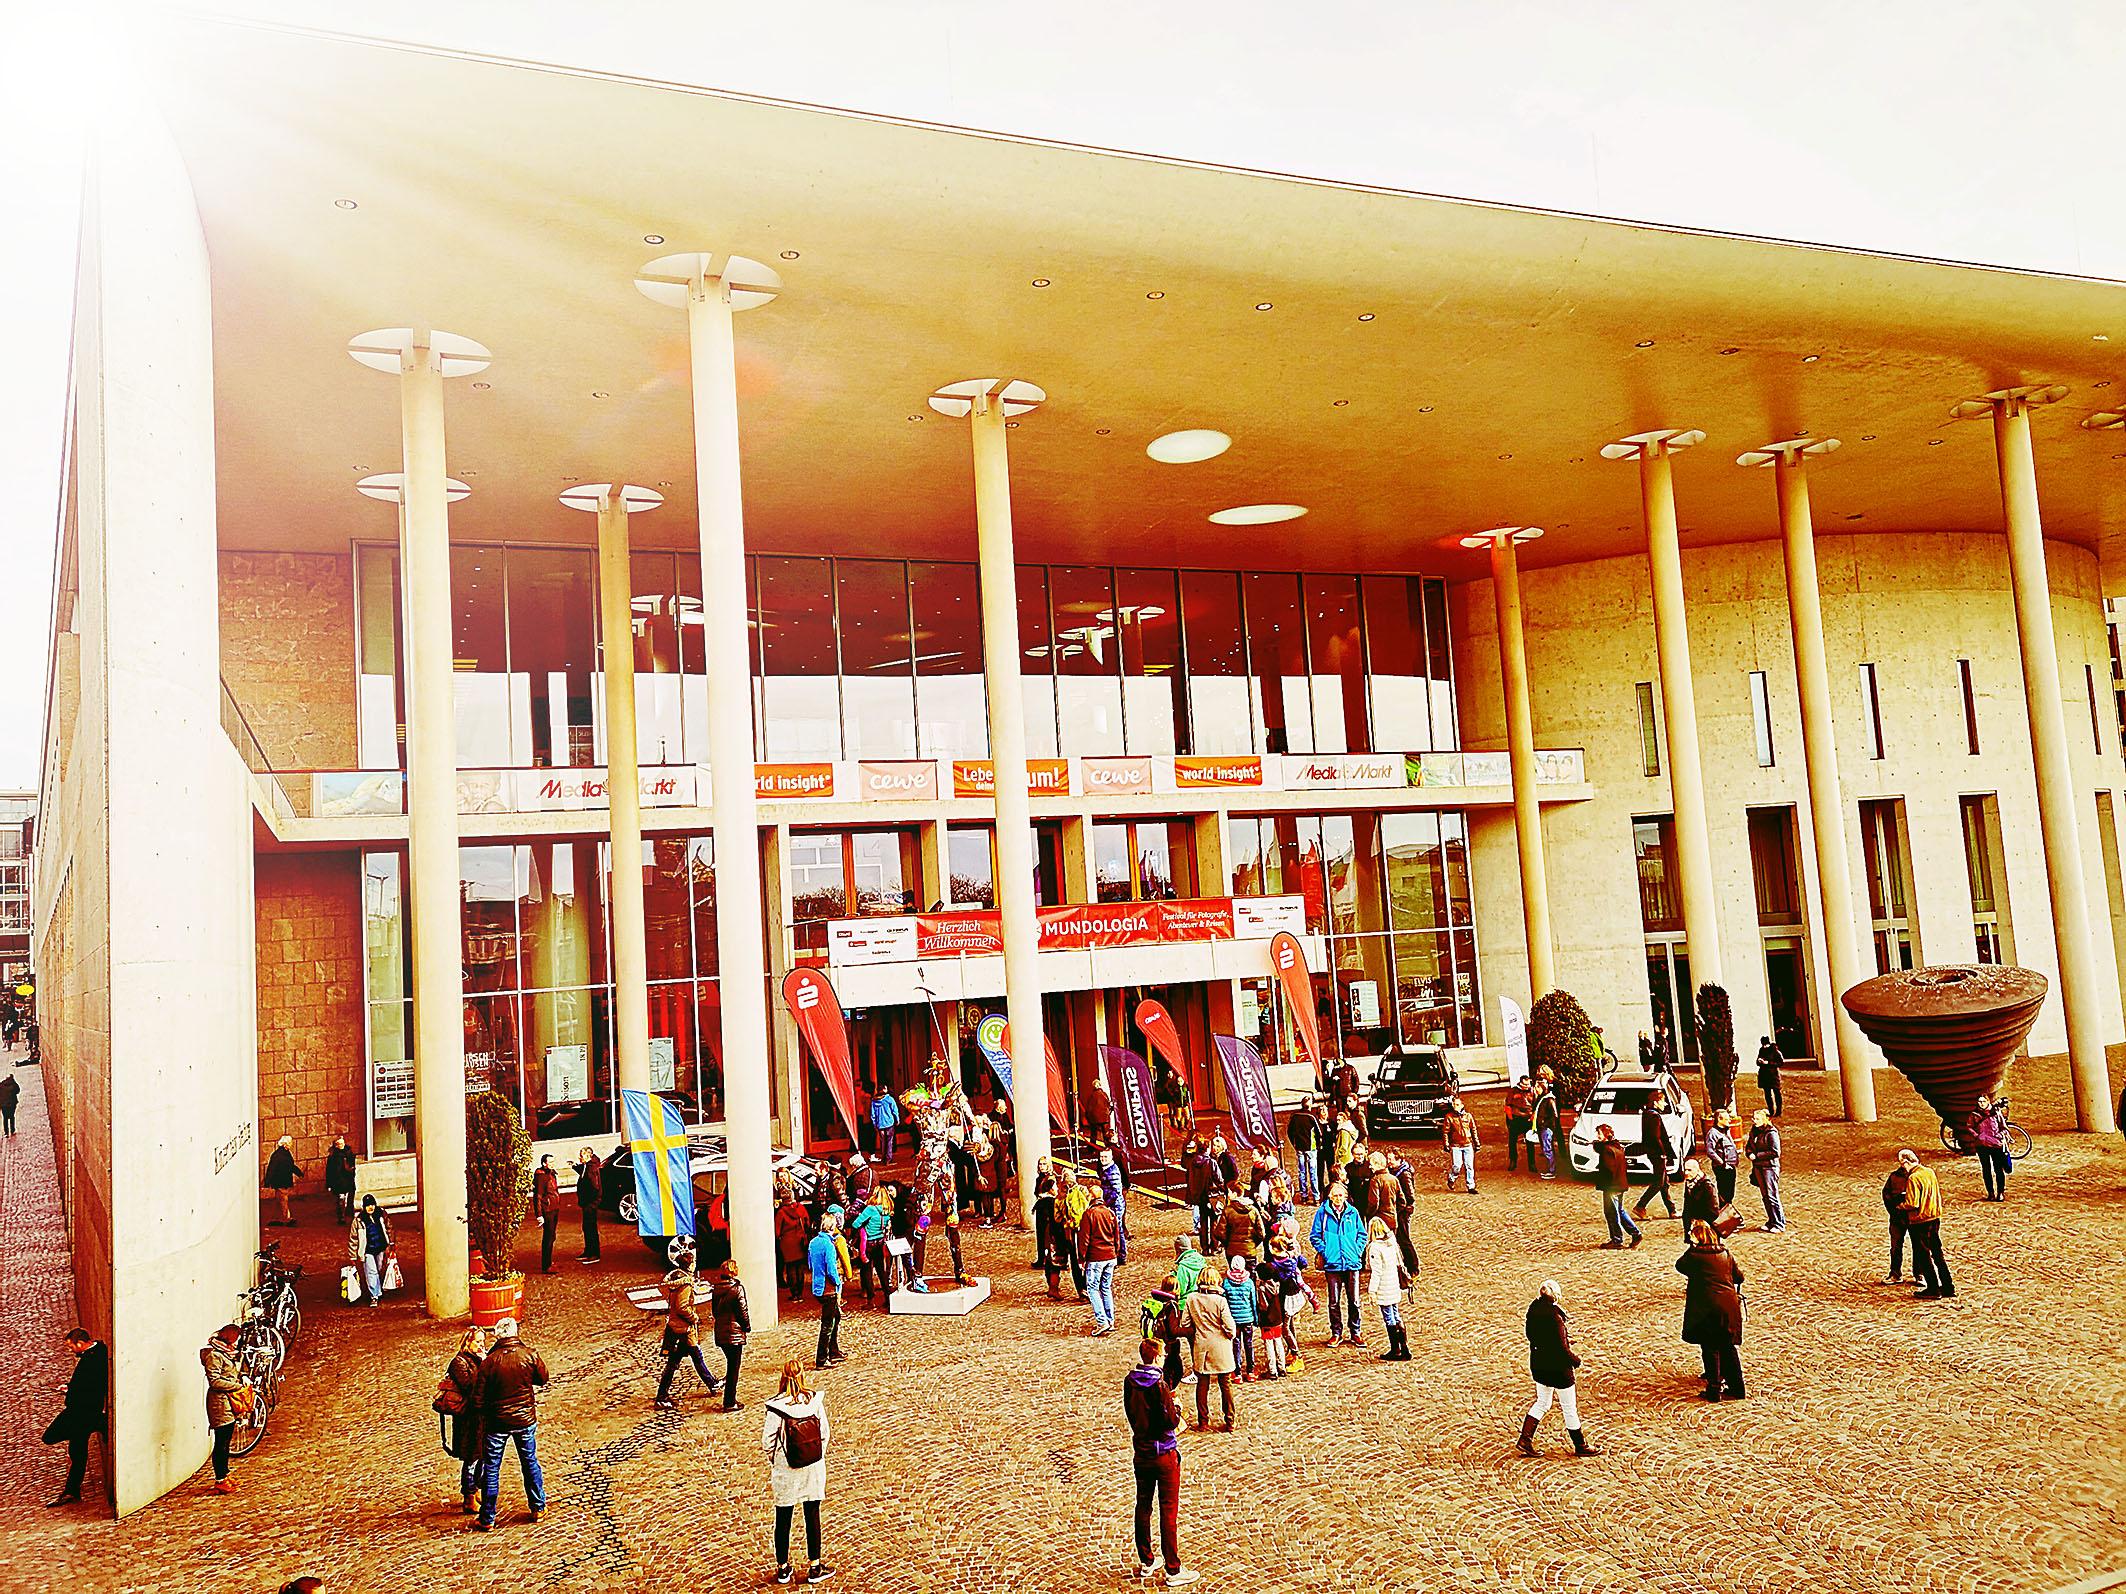 Foto: Michael B. Rehders - Konzerthaus Freiburg kurz vor der Eröffnung der Mundologia 2019